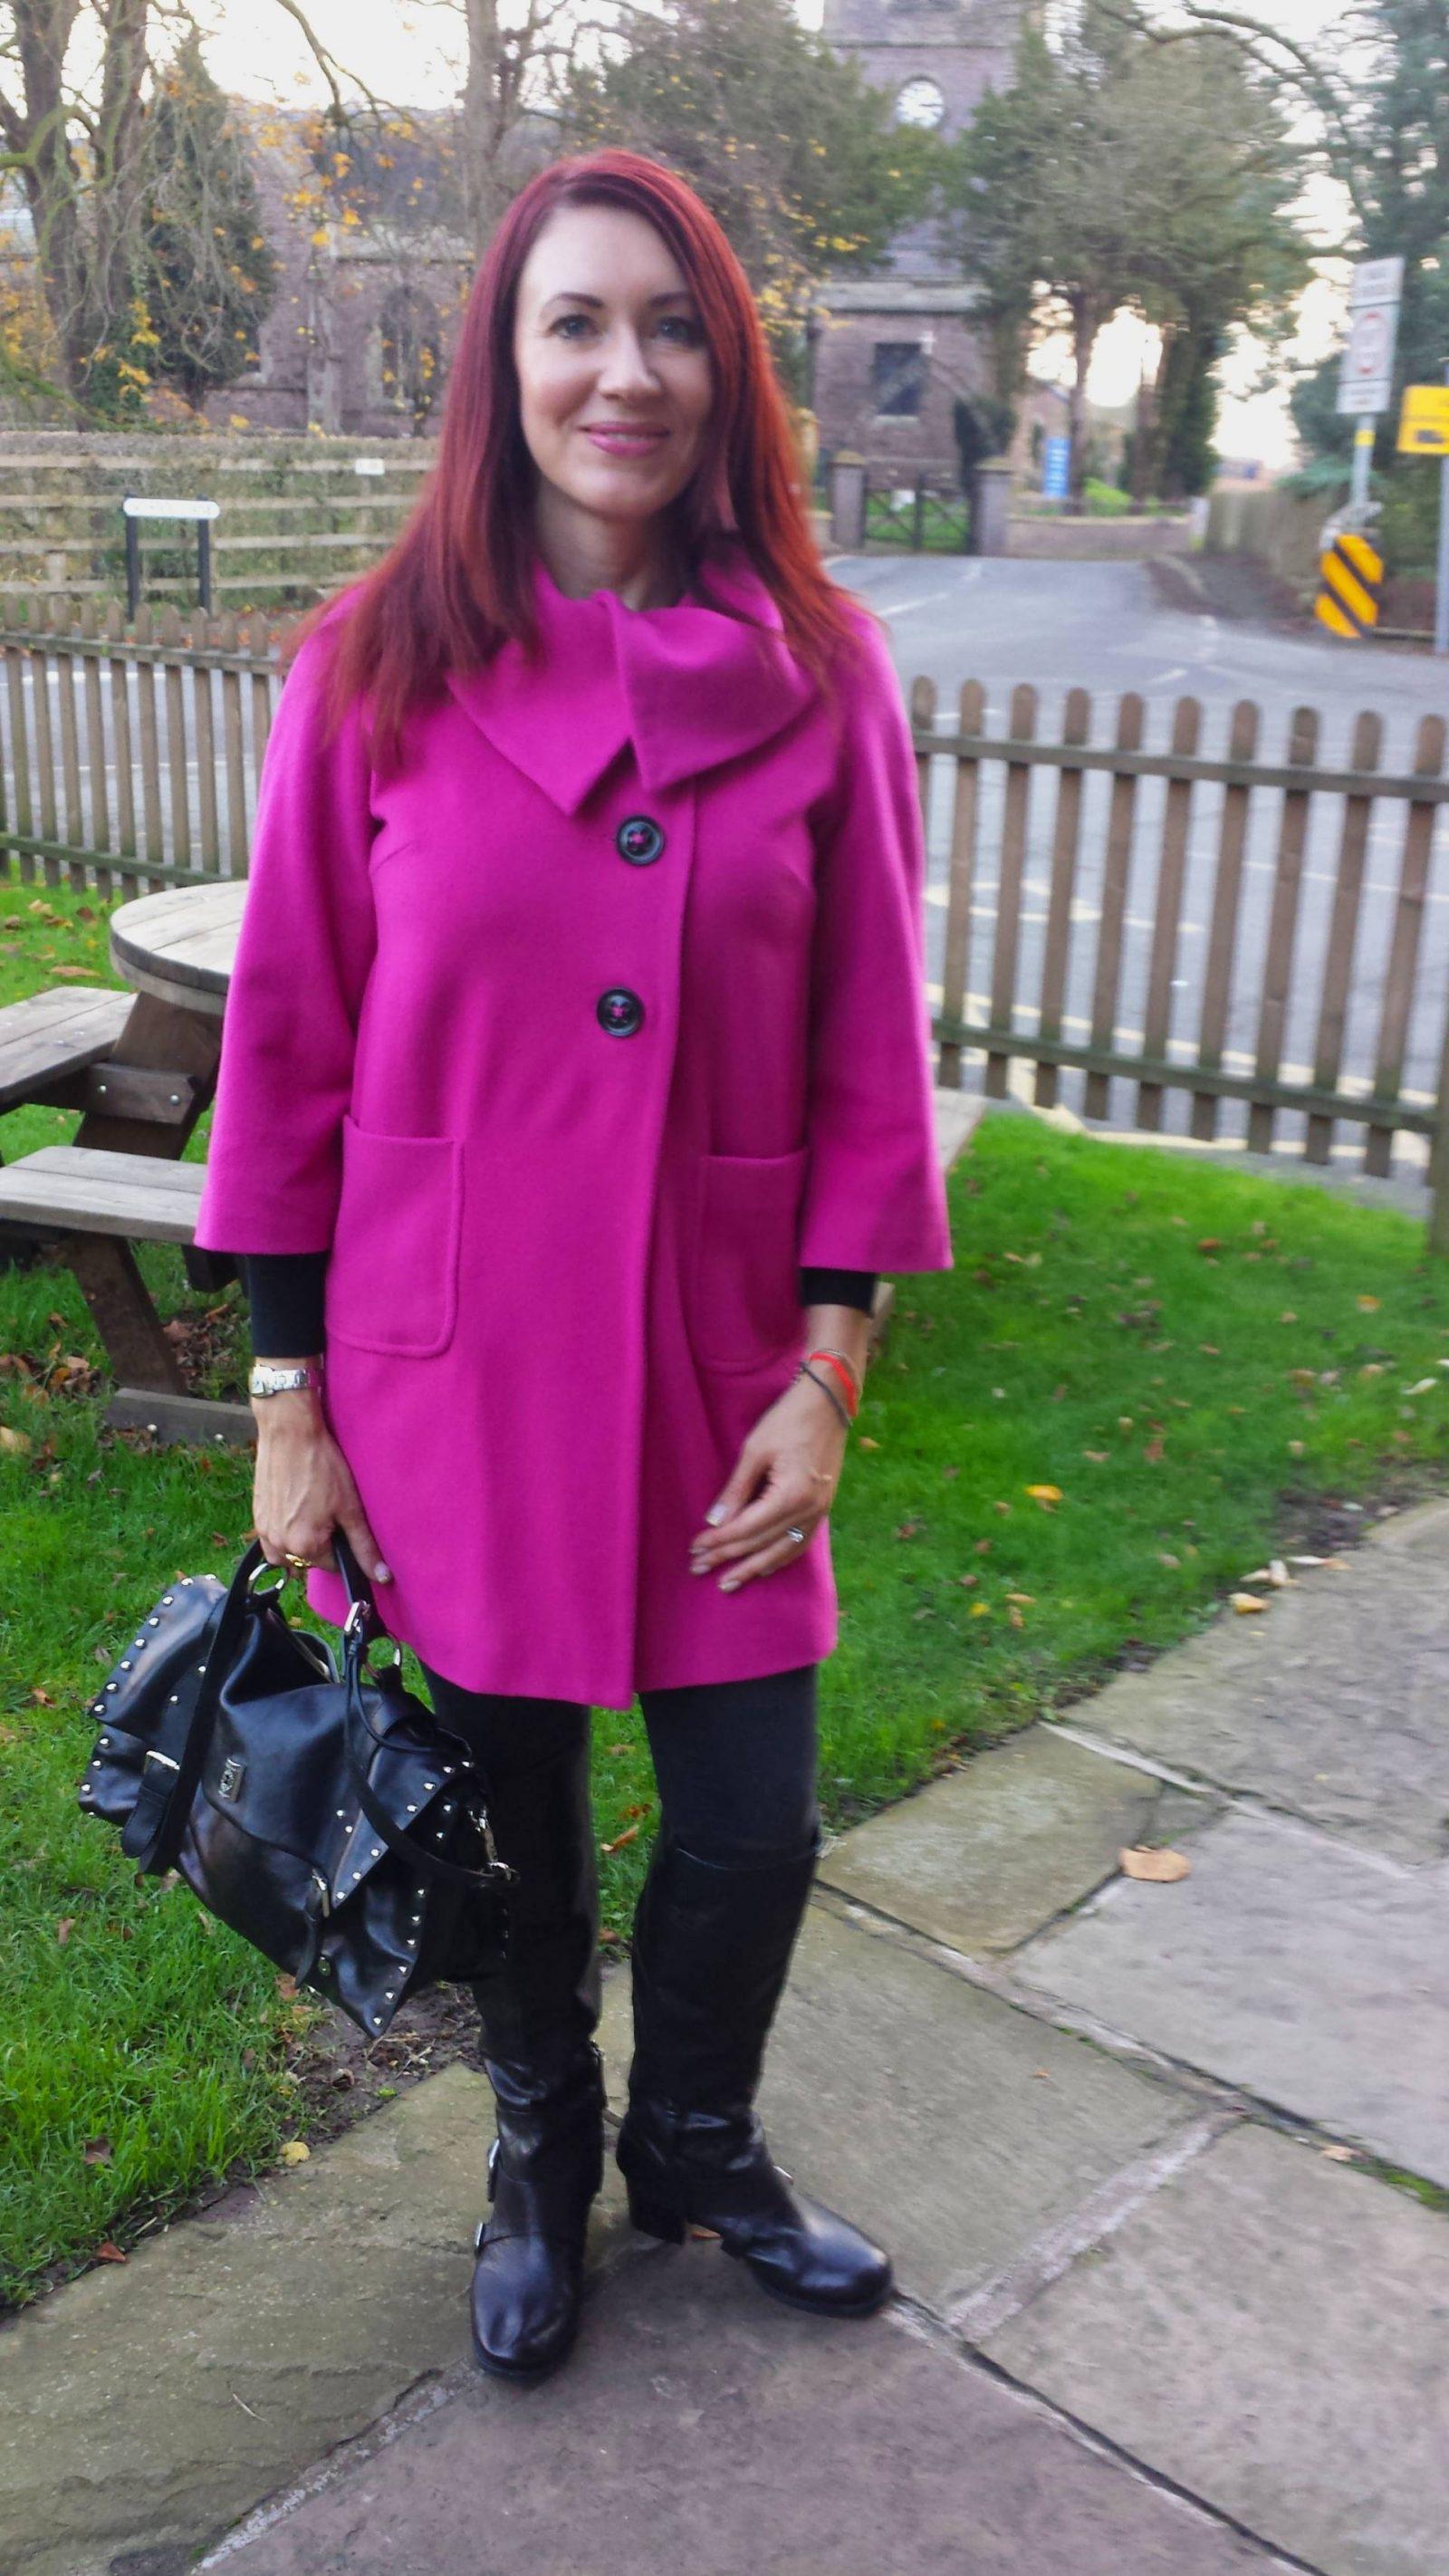 Pop of pink Per Una coat